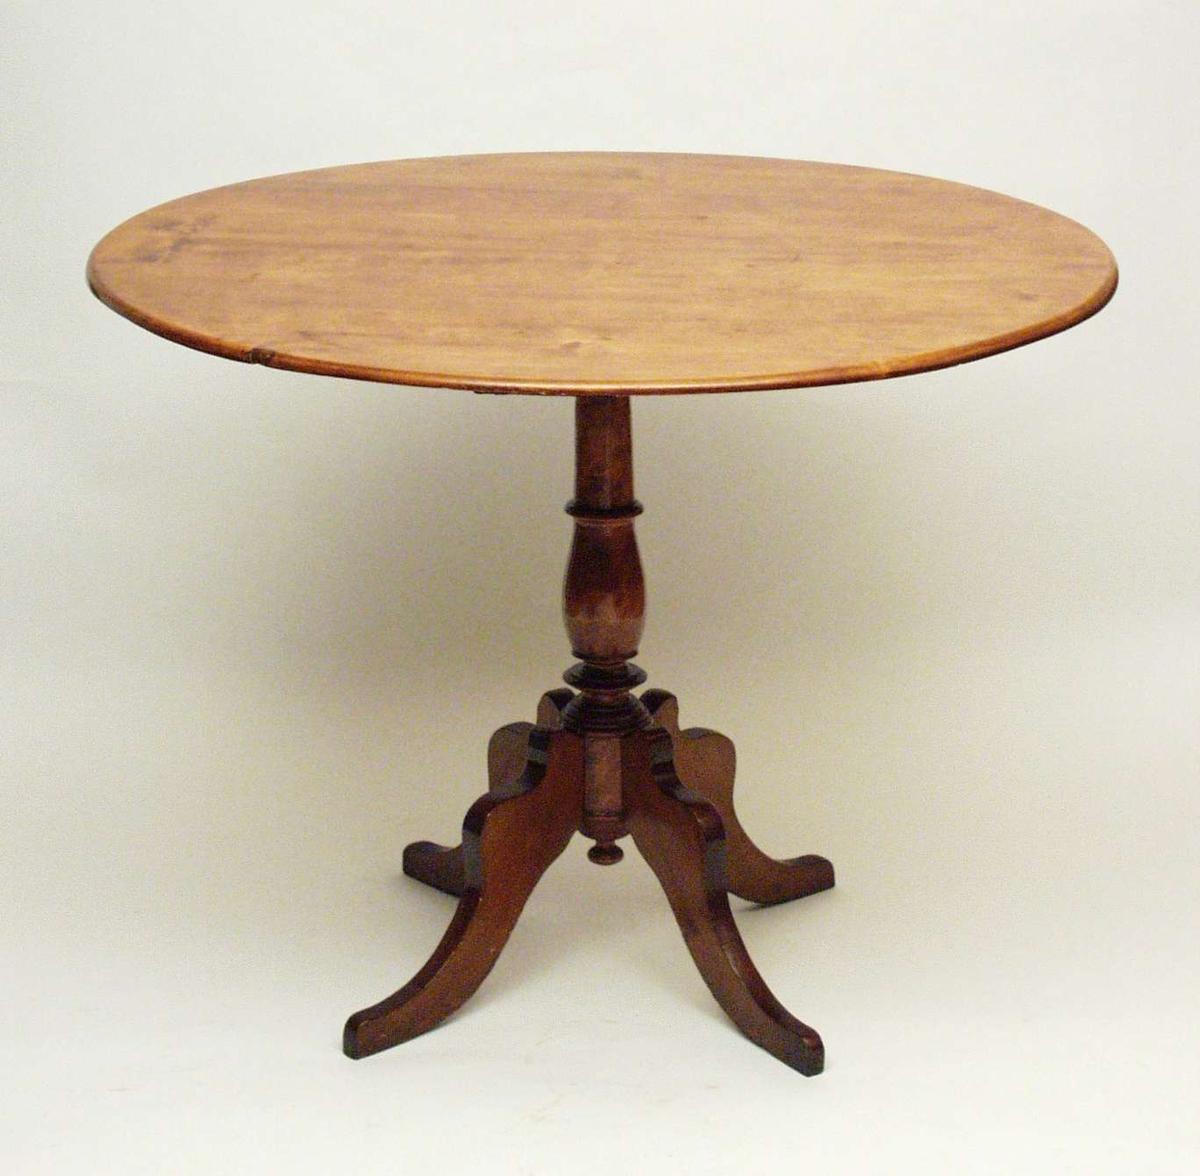 Bord i bjørk med rund plate, båret av en rund, profilert midtsøyle. Til søylen er det festet fire ben som svinger utover